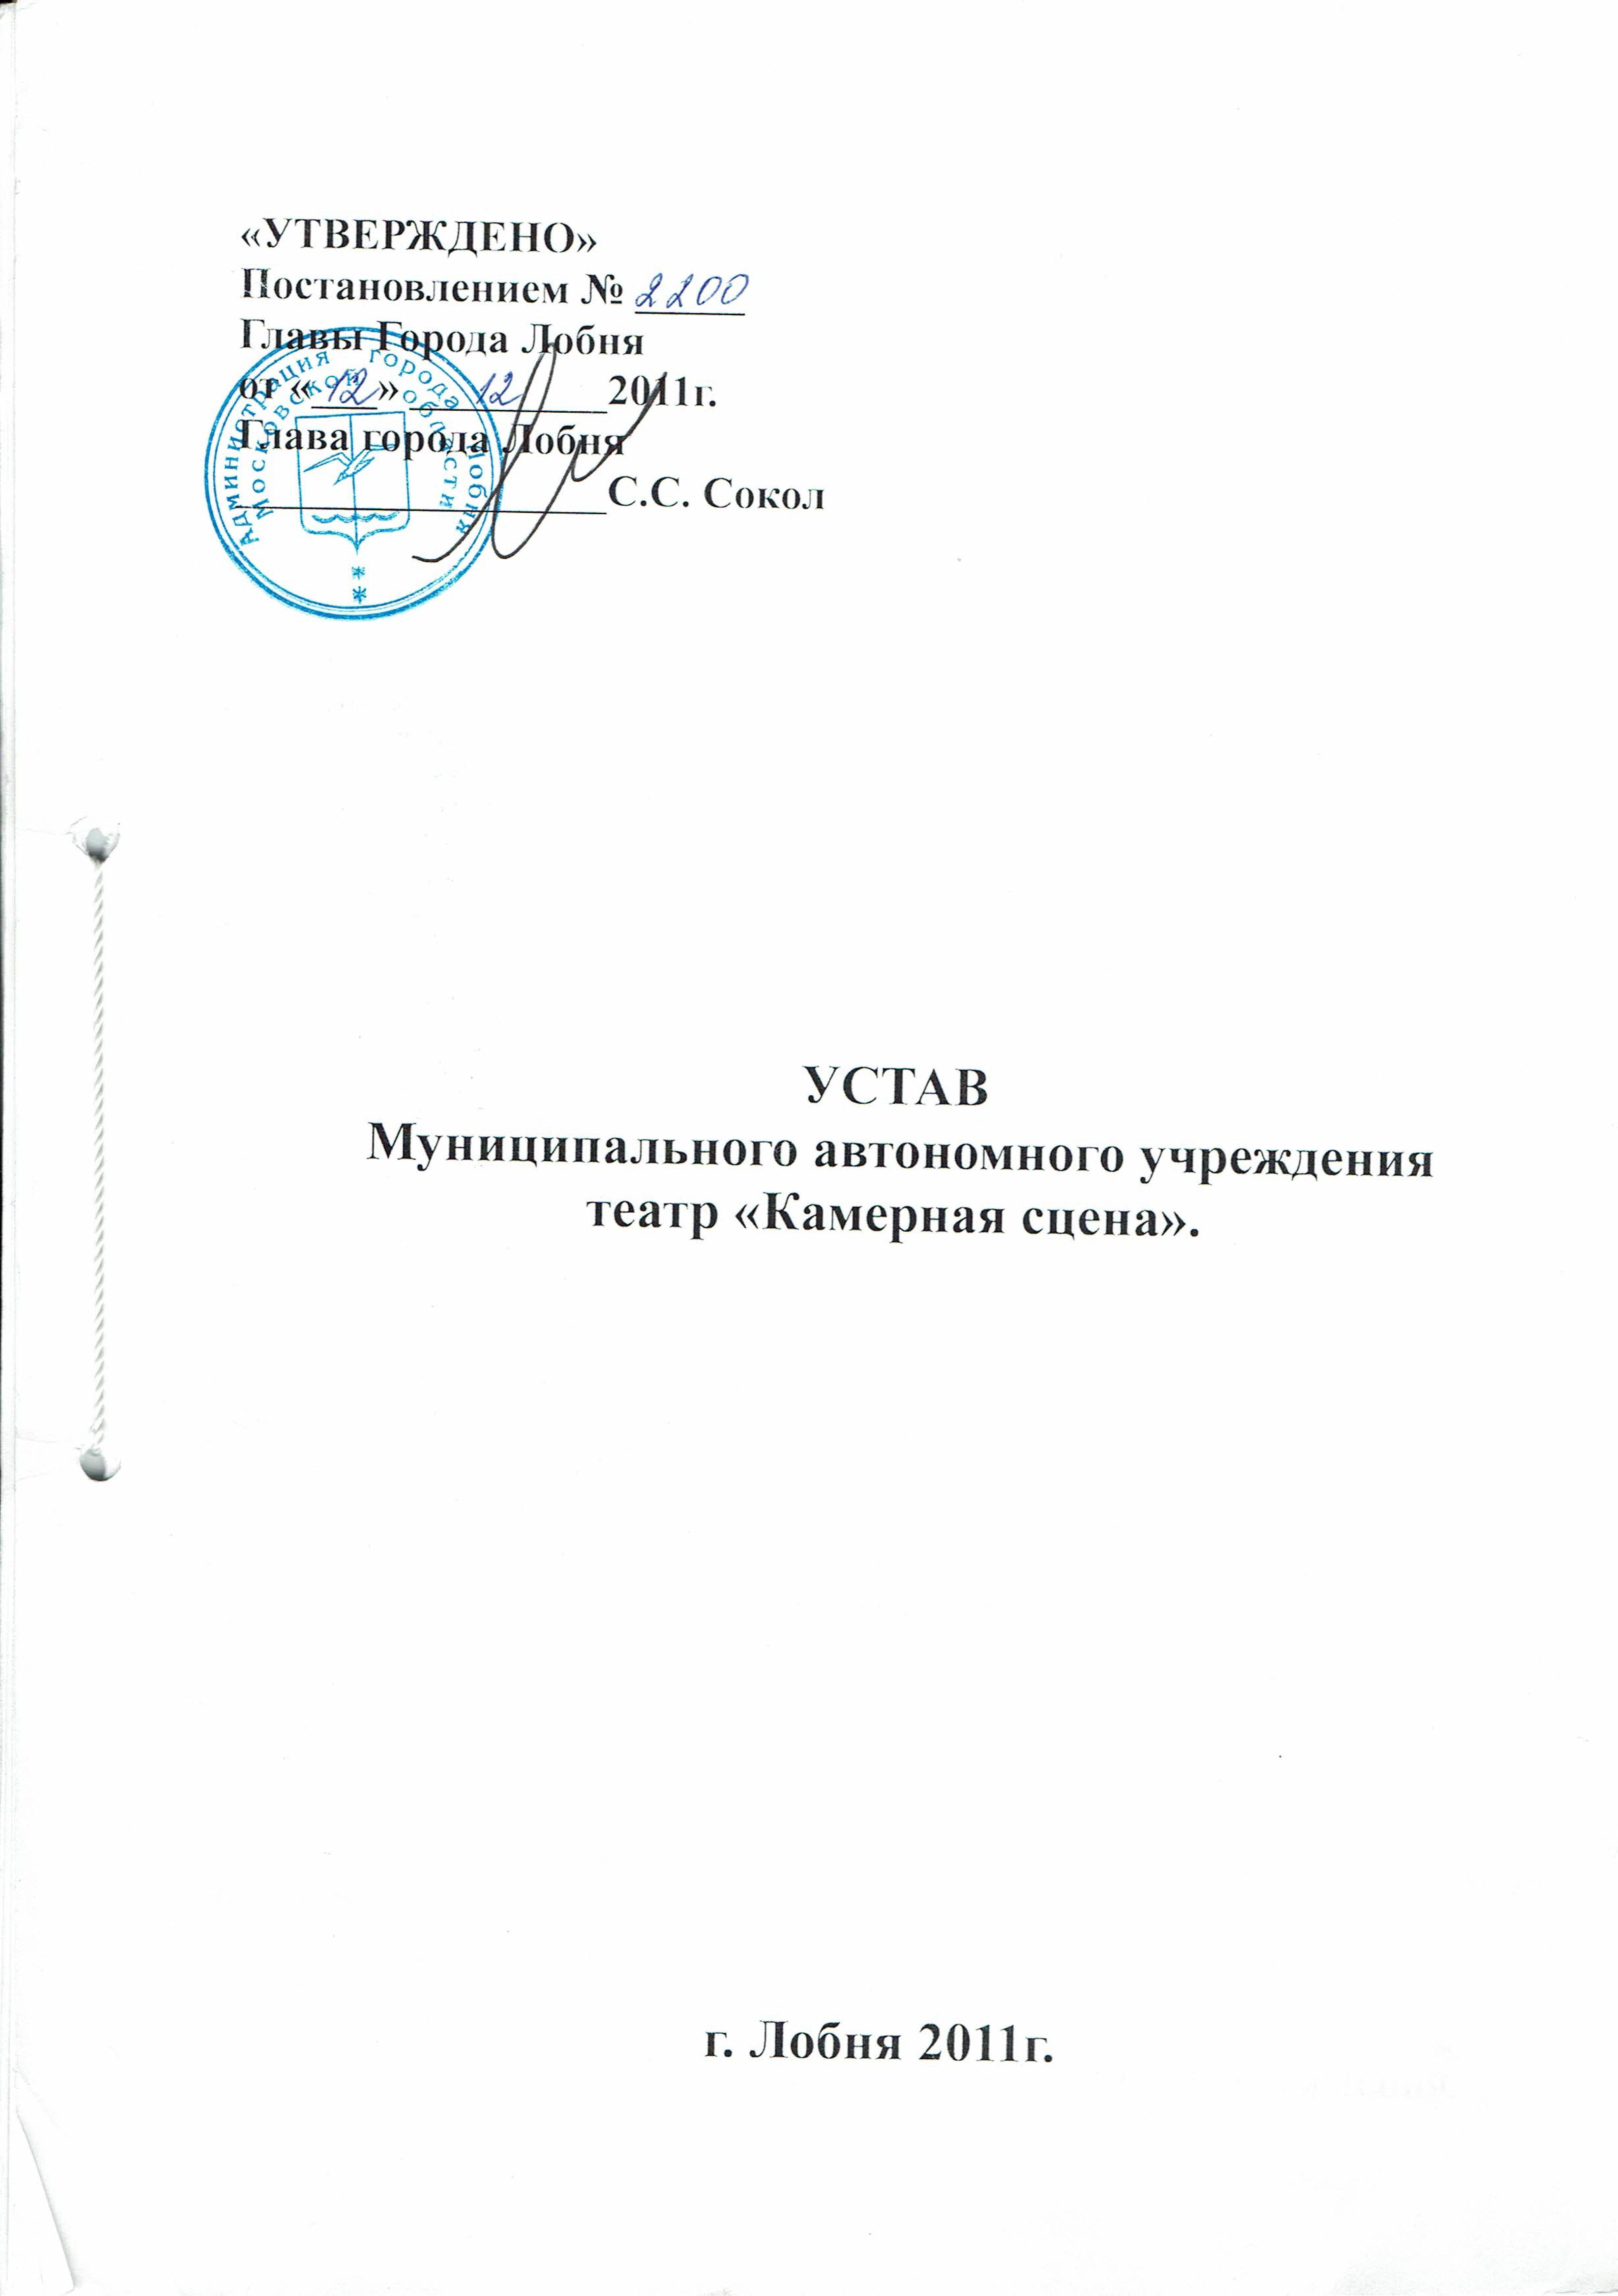 """Устав МАУ тетар """"Камерная сцена"""""""